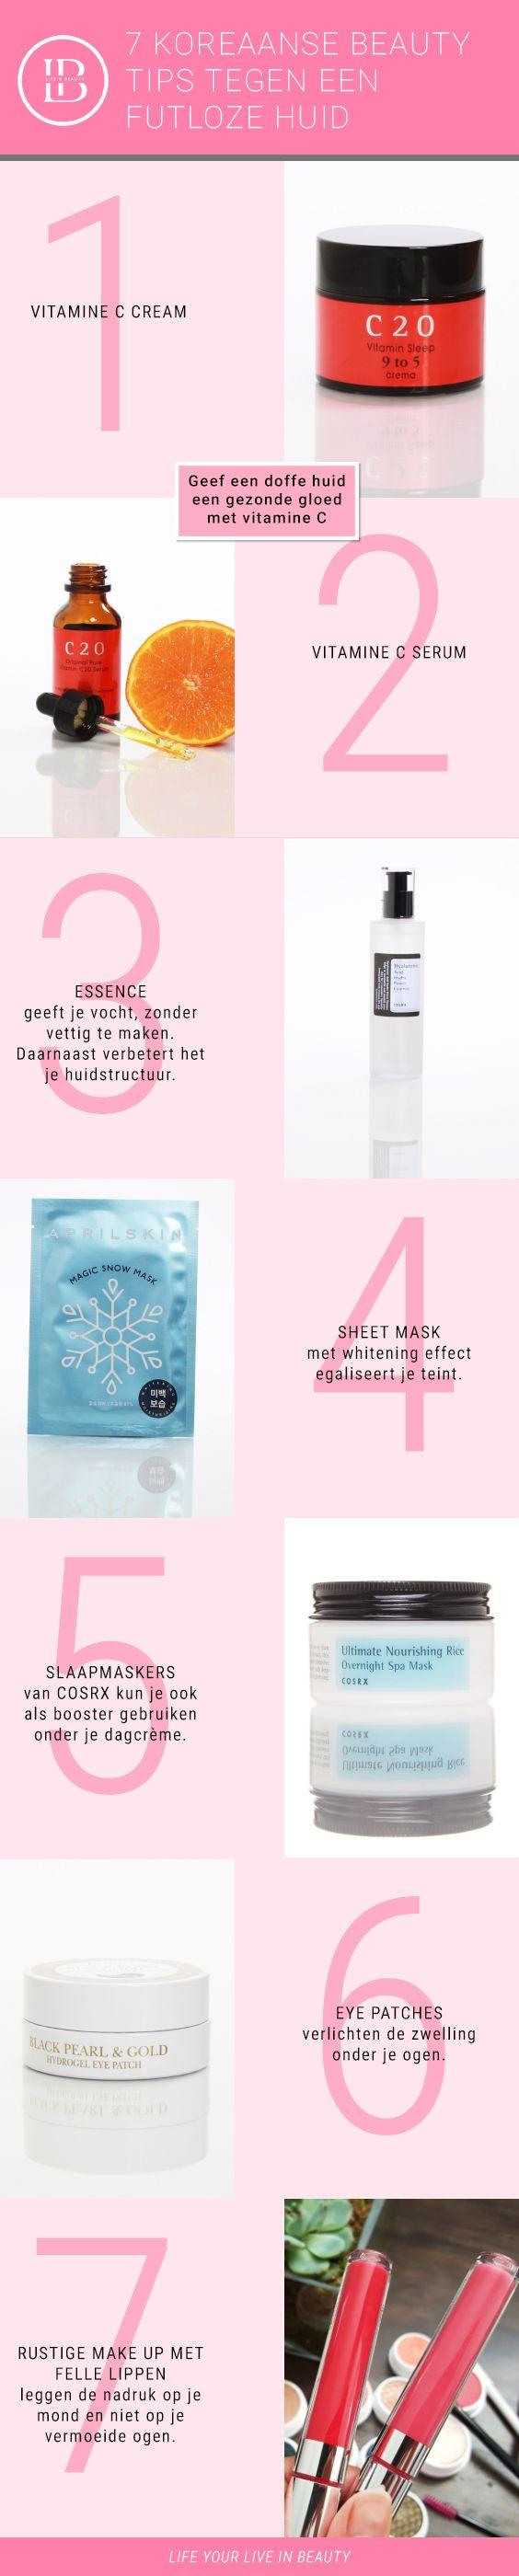 Koreaanse Beauty Tips tegen een vermoeide huid. #lifeandbeautyshop